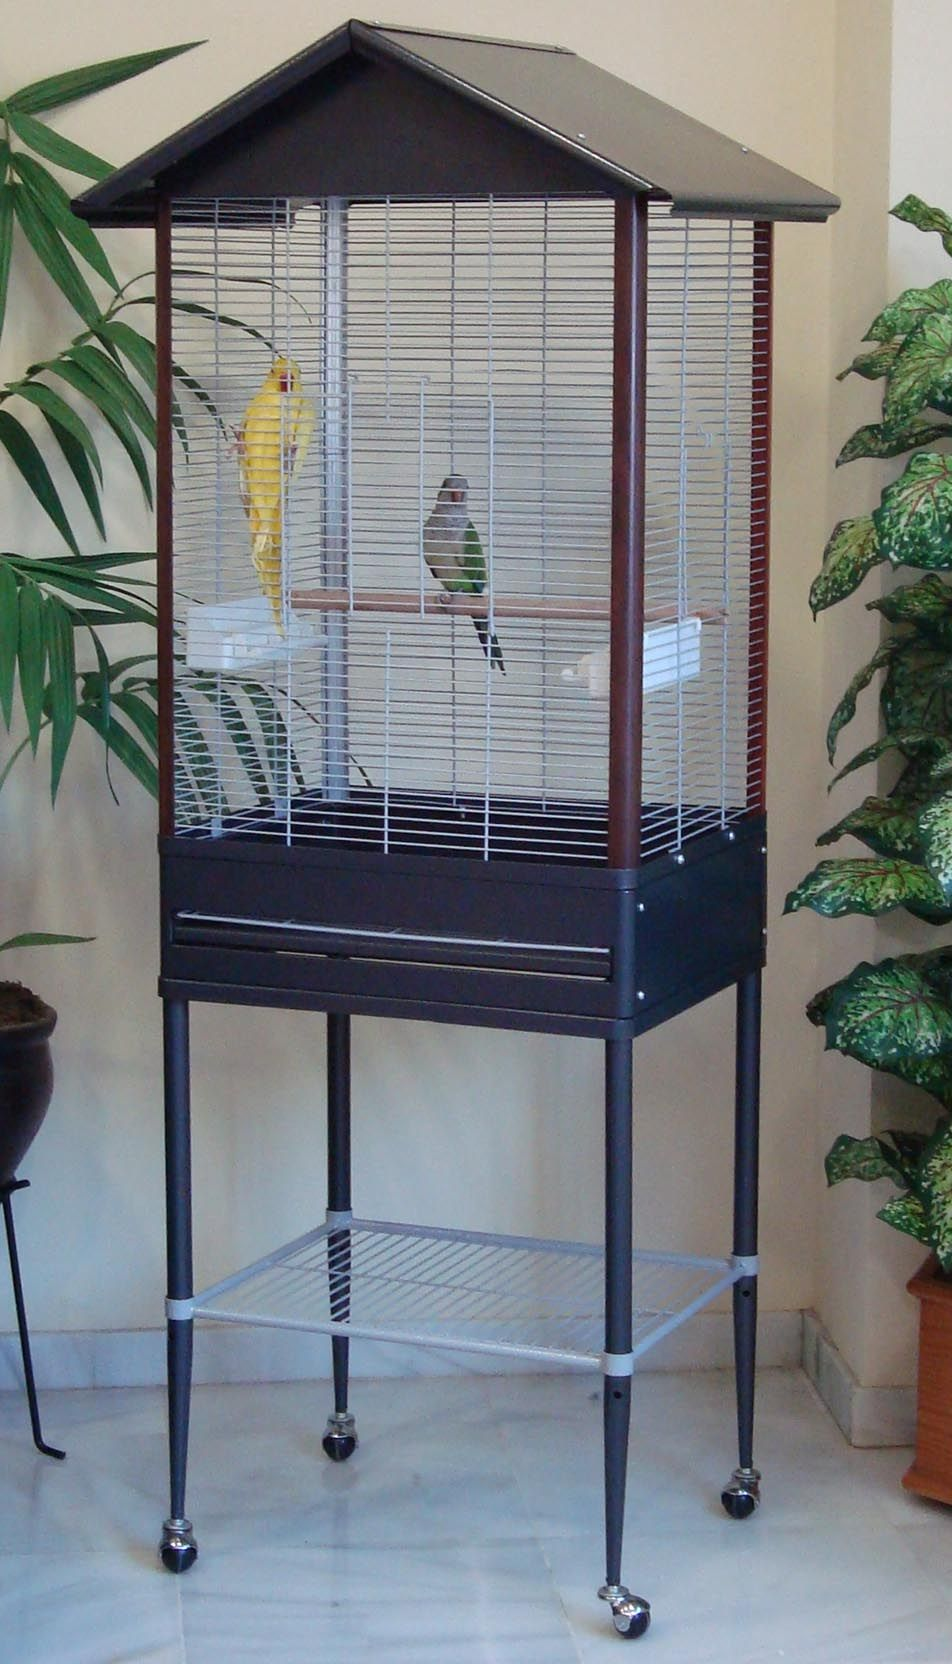 Venta Online De Jaulas Y Accesorios Para Aves Pajareras Loritos 812 Pajareras Es Tienda On Line De Jaulas Y Acc Jaula Para Loros Jaulas Jaulas De Pajaros